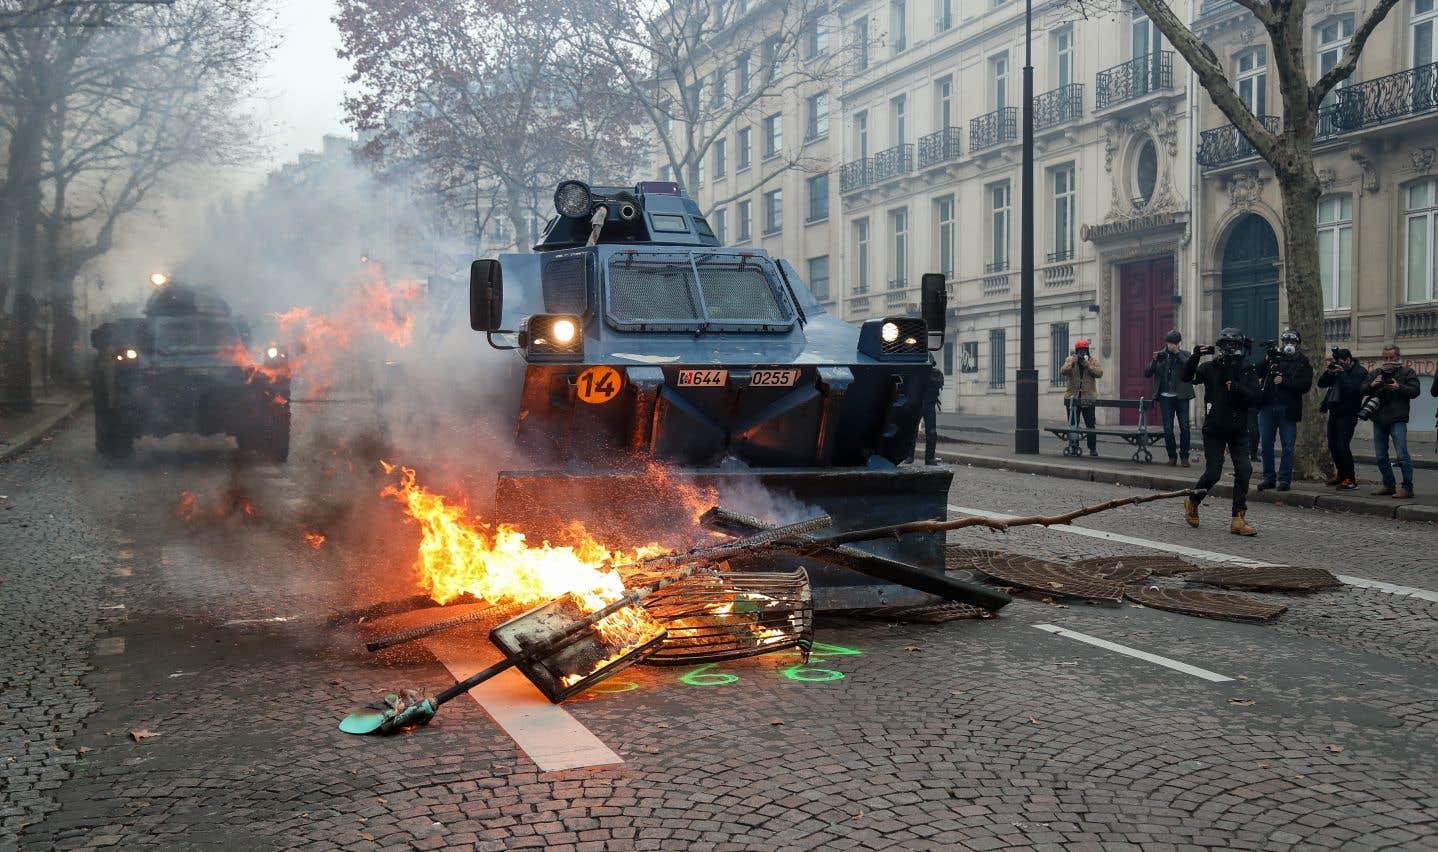 Un véhicule blindé de la Gendarmerie déloge une barricade enflammée près de l'avenue des Champs-Élysées, à Paris.